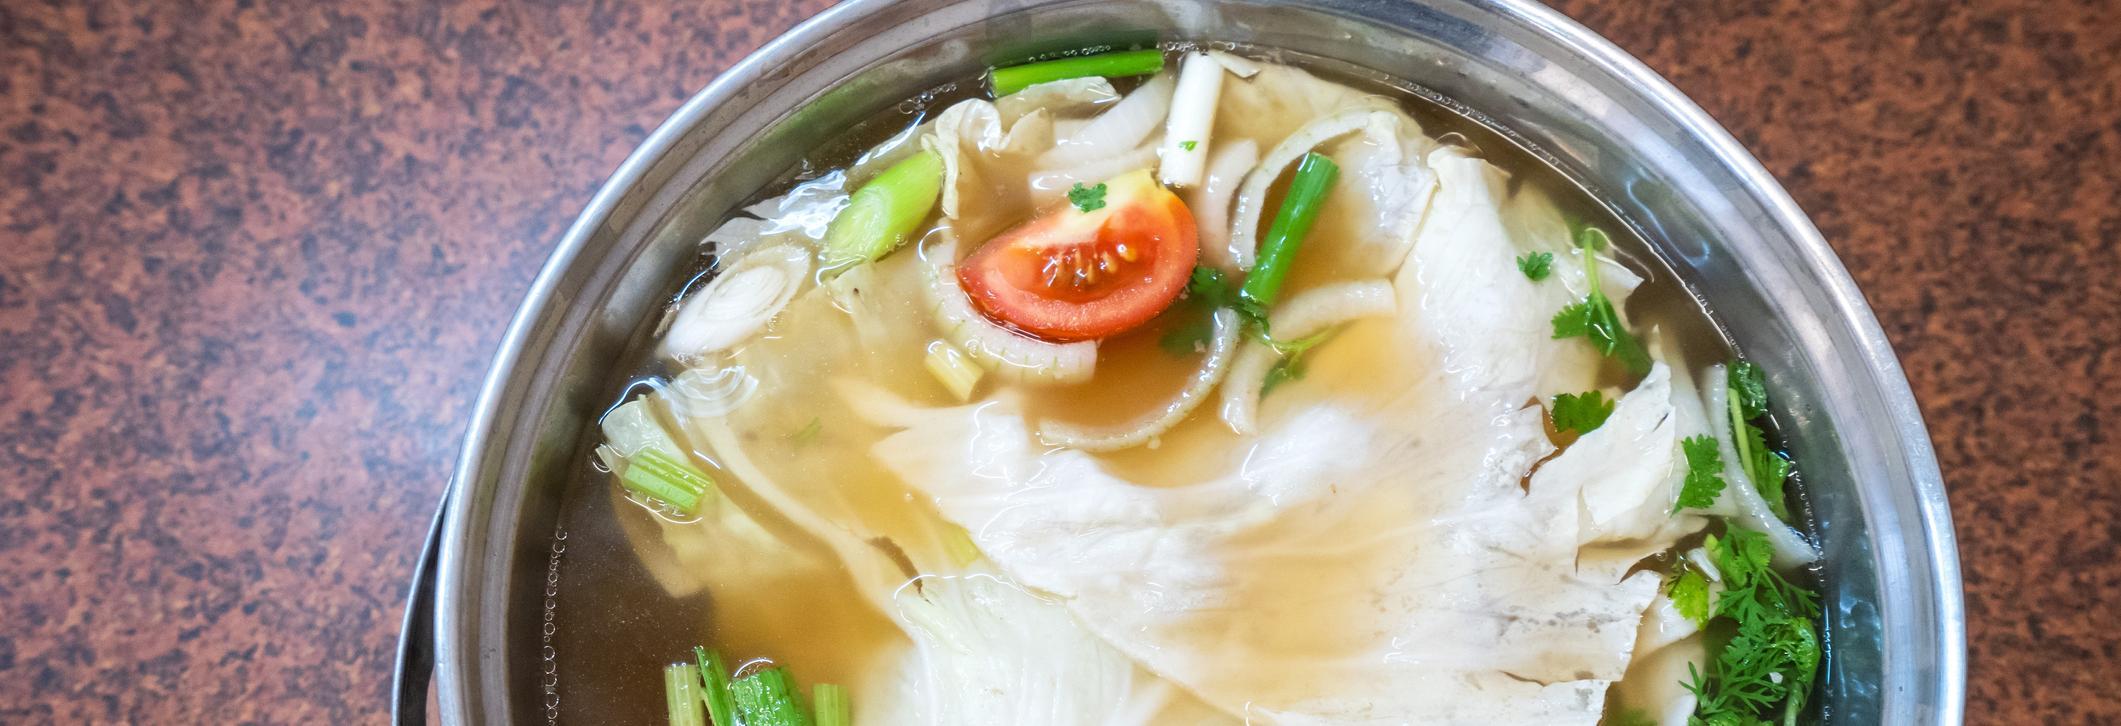 tasty pot hot pot vegetable soup cincinnati ohio